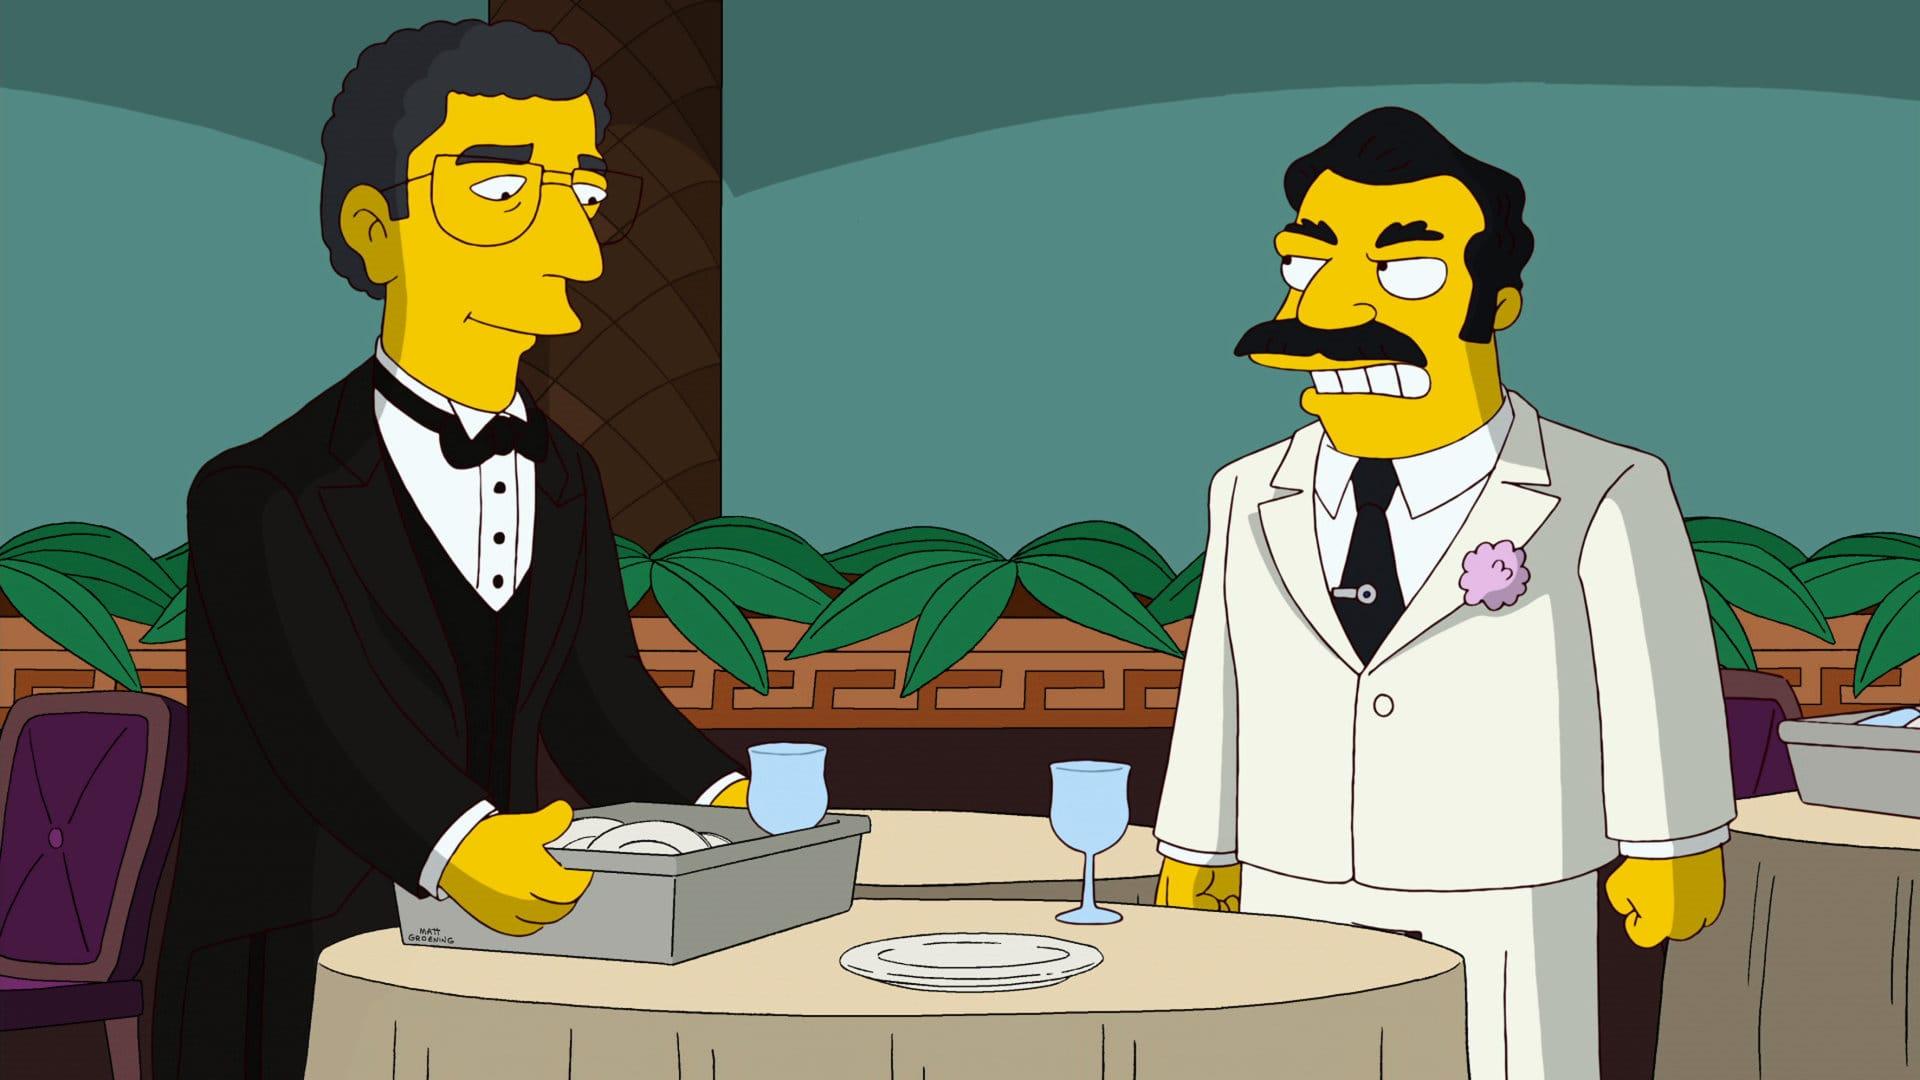 Les Simpson - Gone Papi Gone